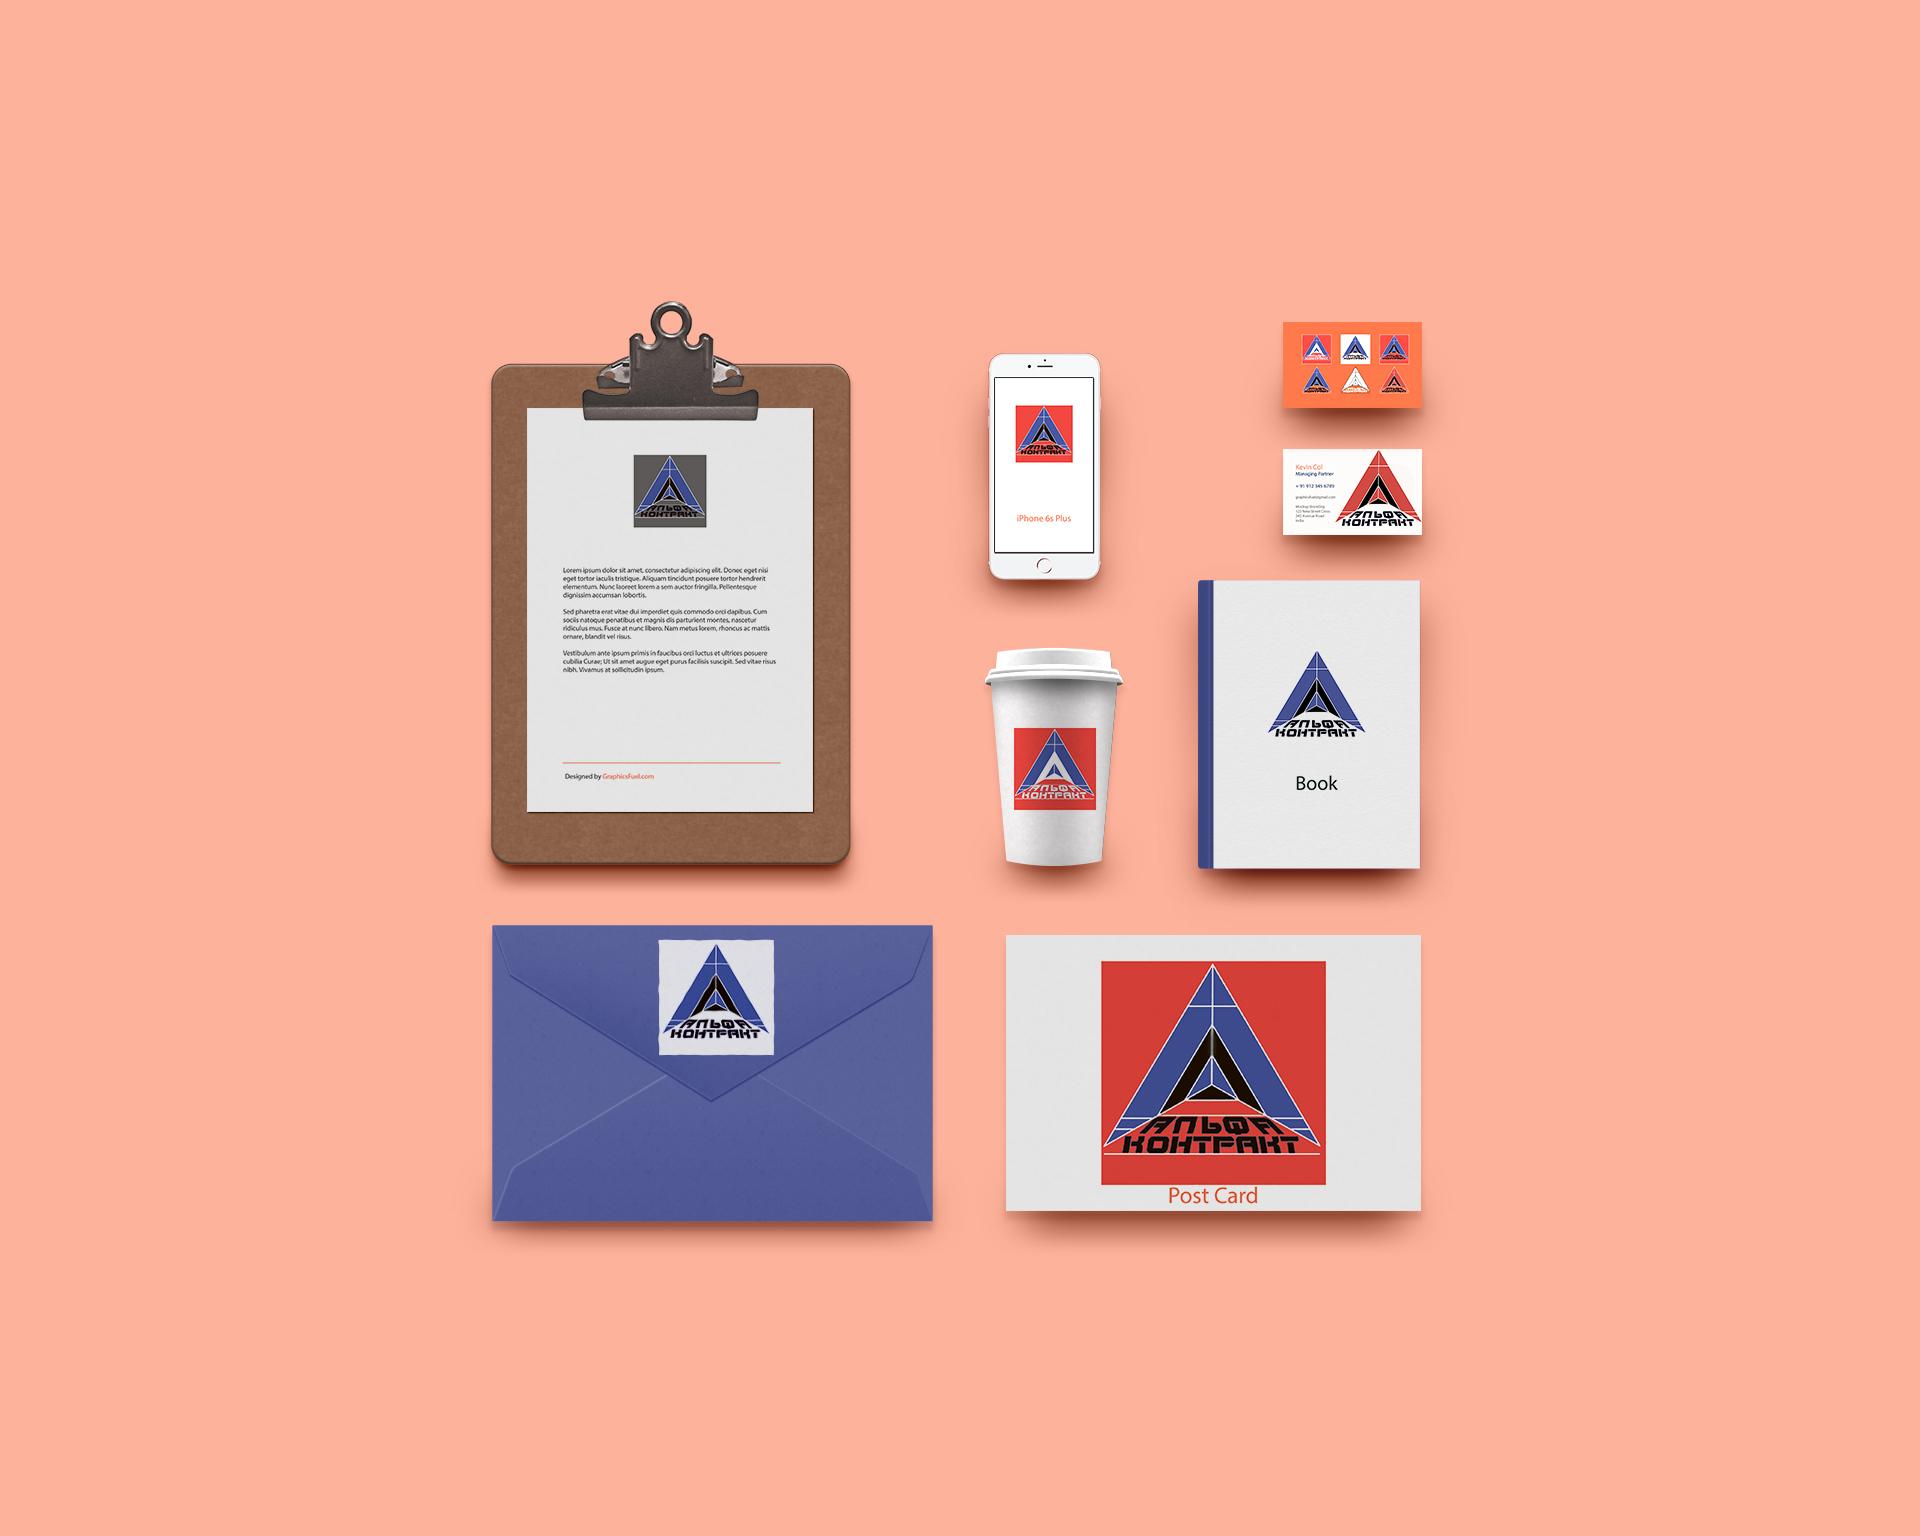 Дизайнер для разработки логотипа компании фото f_8615bfc63a9dbf0b.jpg